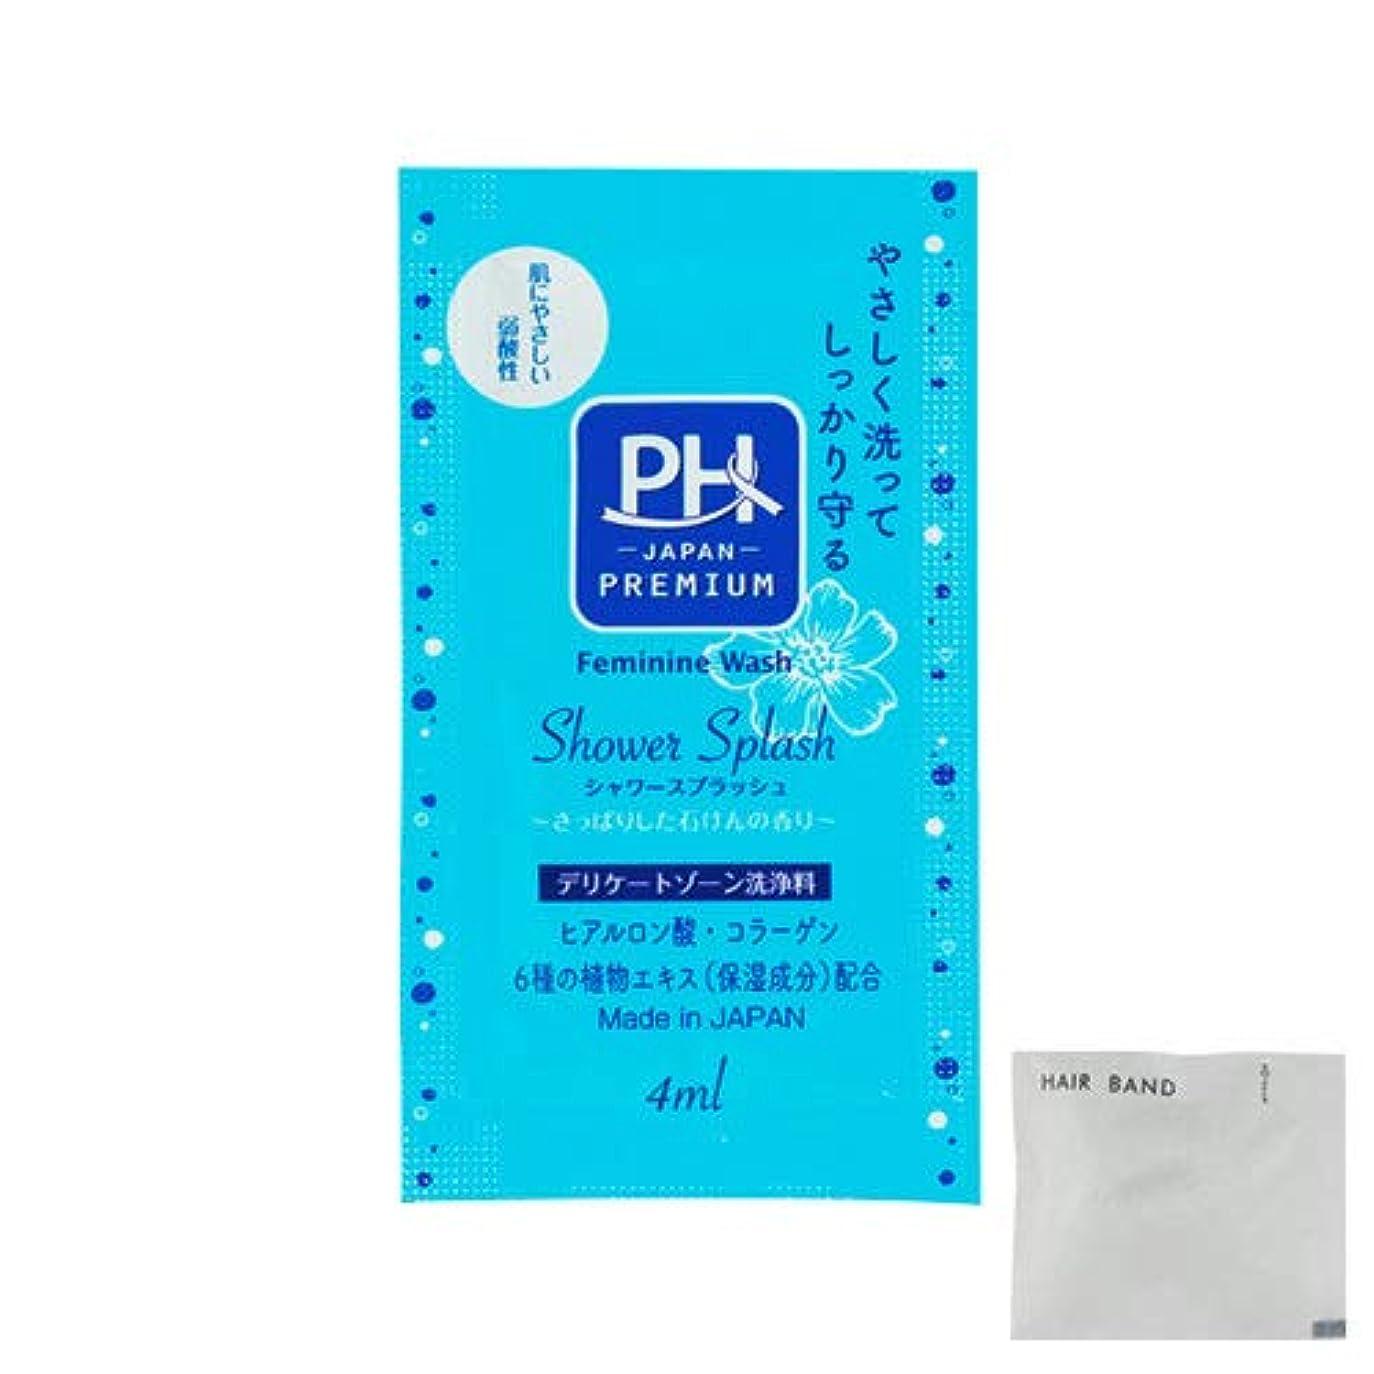 乱す熱挽くPH JAPAN プレミアム フェミニンウォッシュ シャワースプラッシュ 4mL(お試し用)×20個 + ヘアゴム(カラーはおまかせ)セット